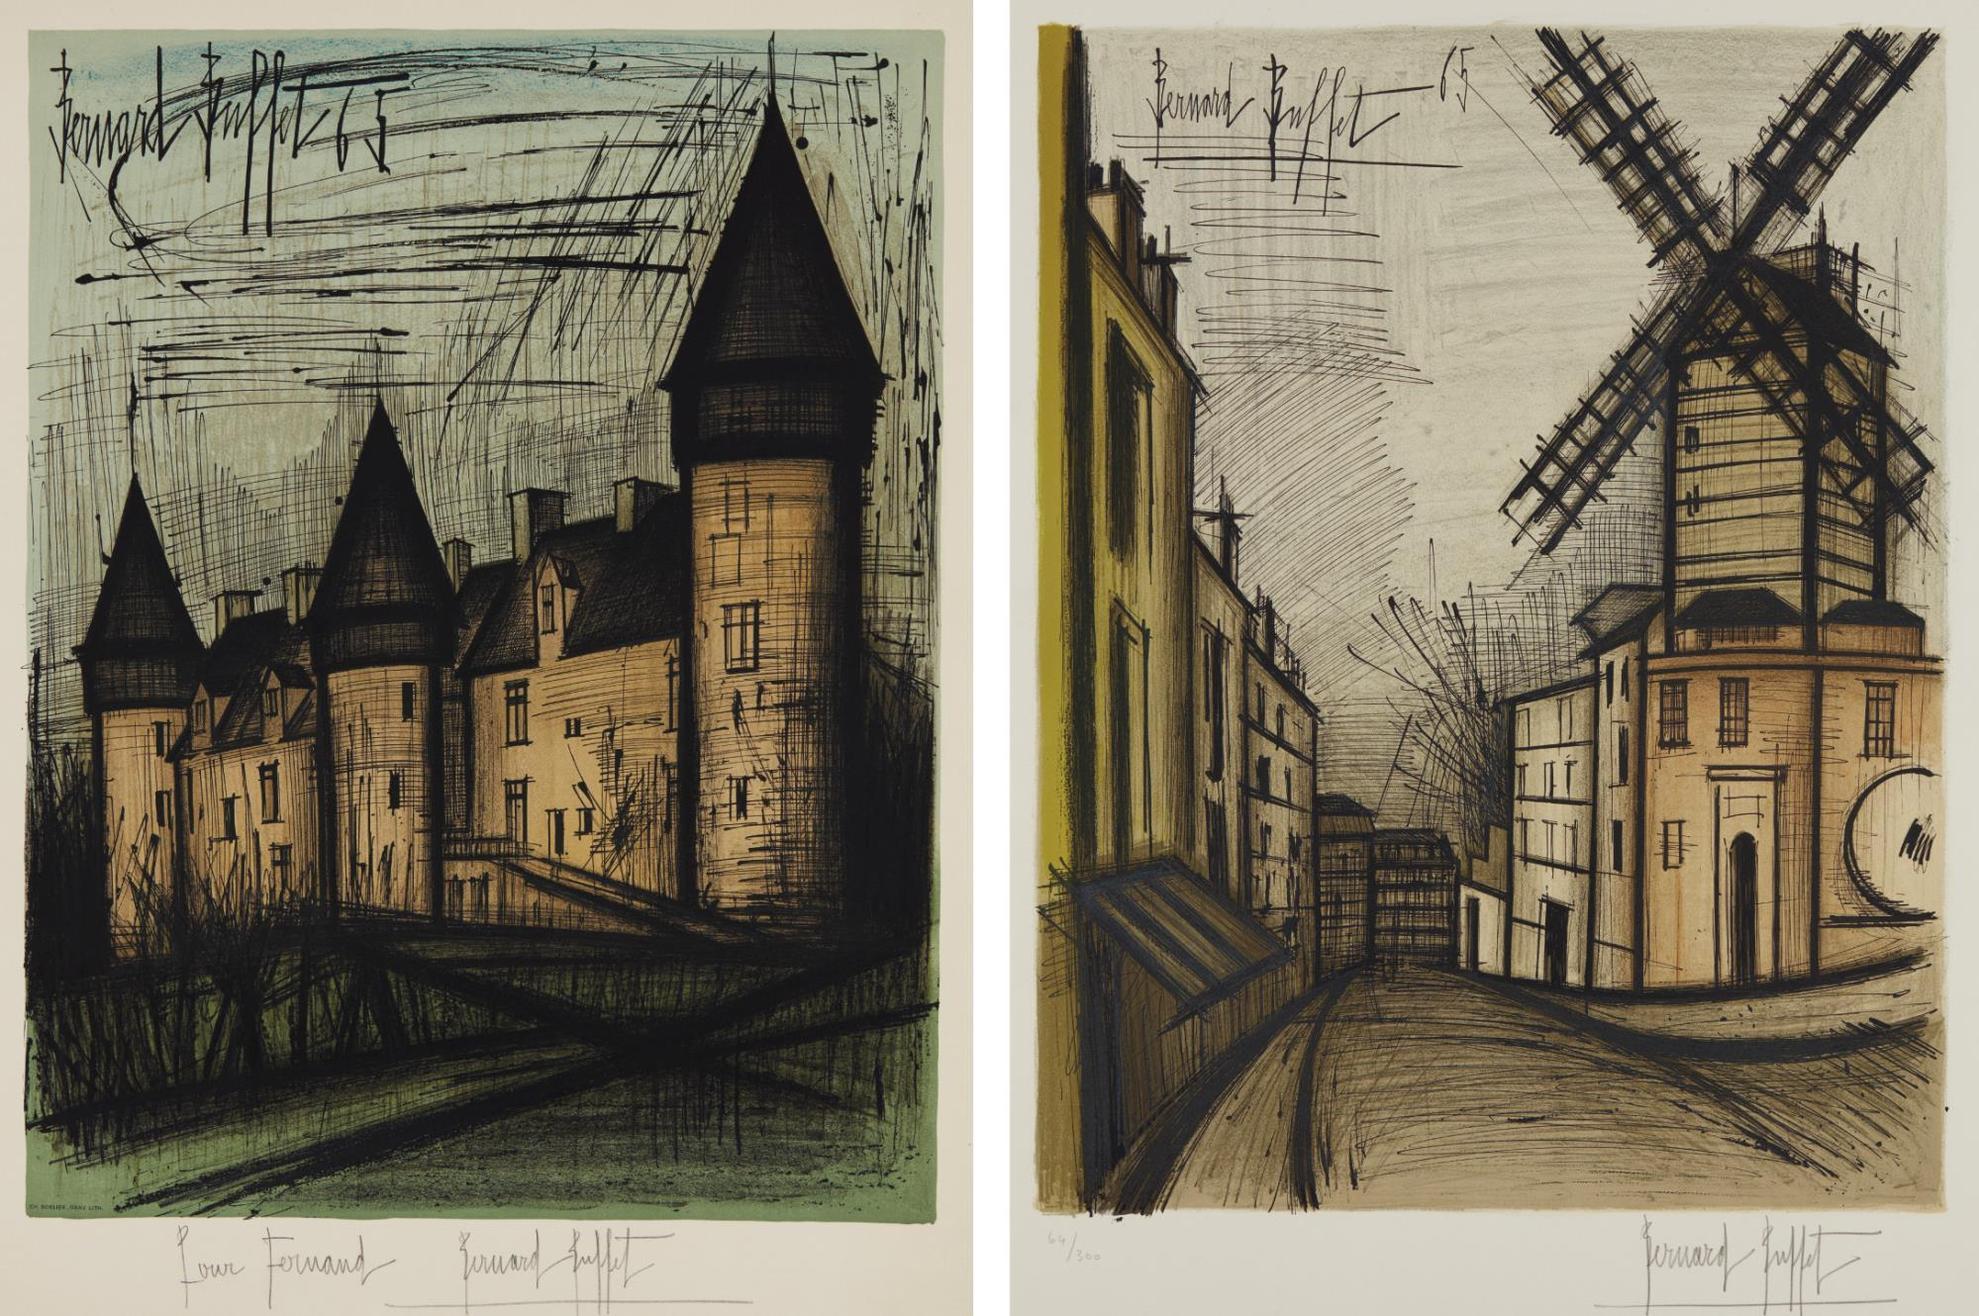 Bernard Buffet-Le Chateau De Culan (Culan Castle); And Le Moulin De La Galette, By Charles Sorlier-1965